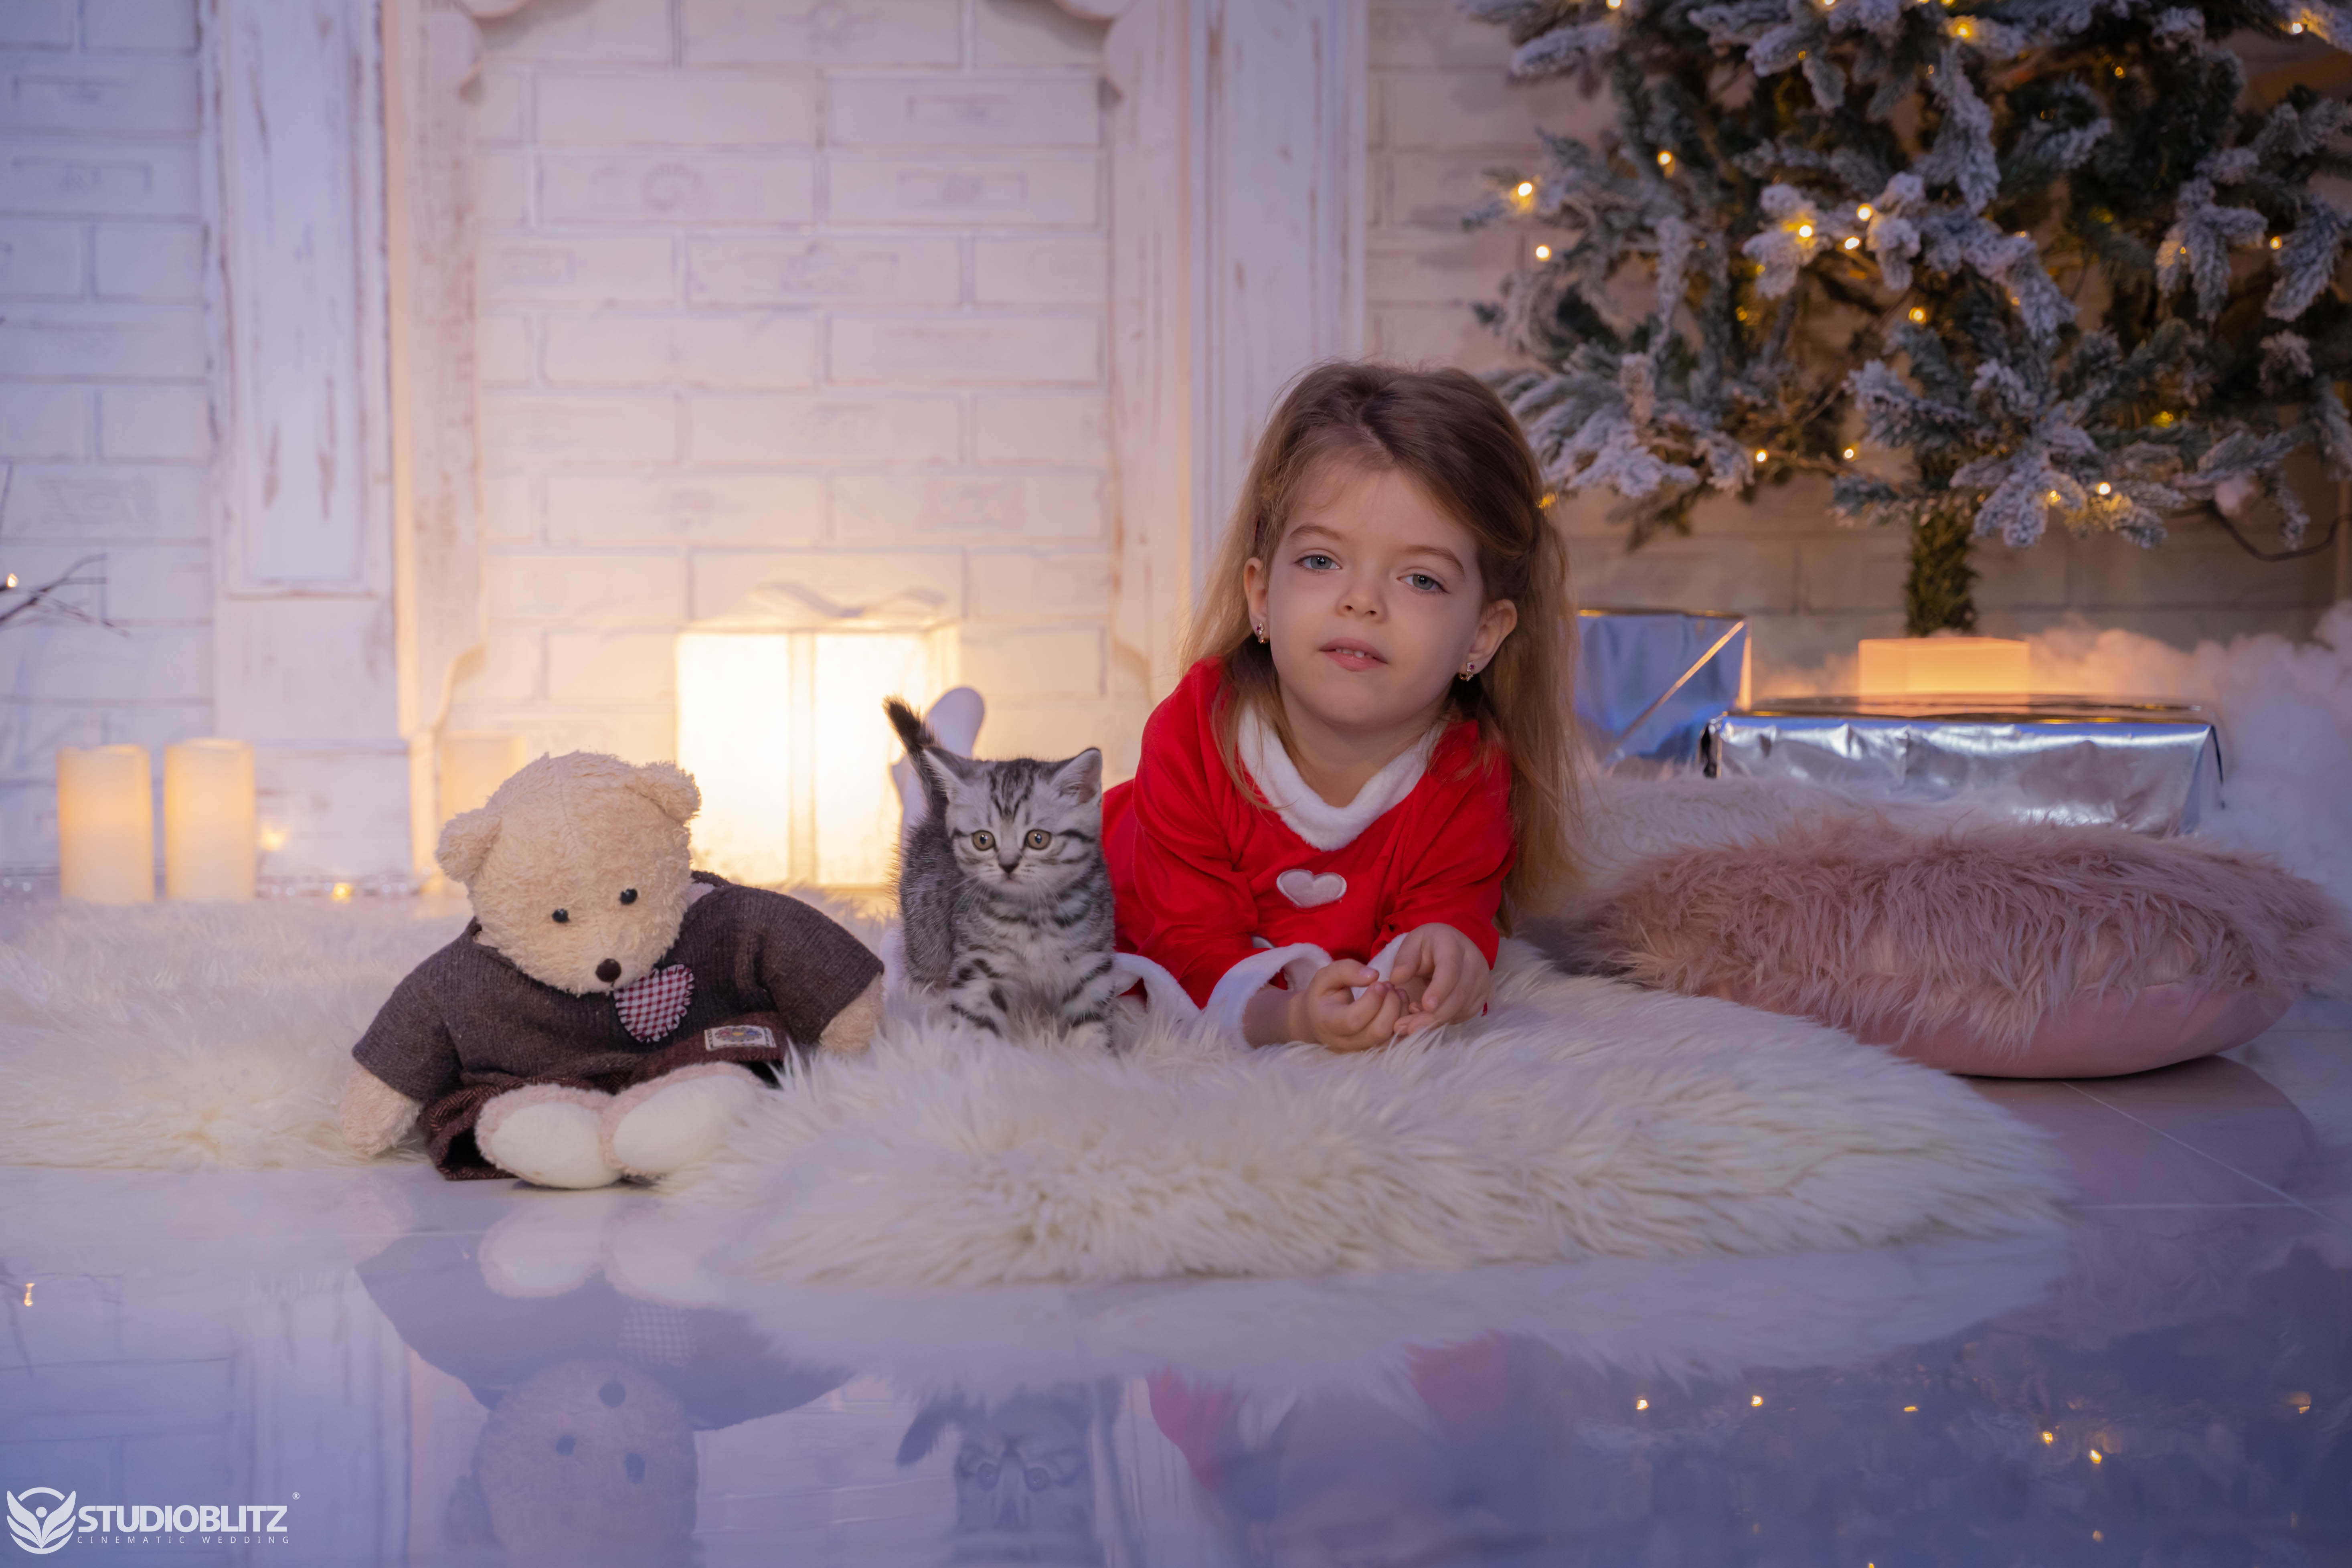 Sedinta foto de Craciun. Copil fericit, pisica rasfatata